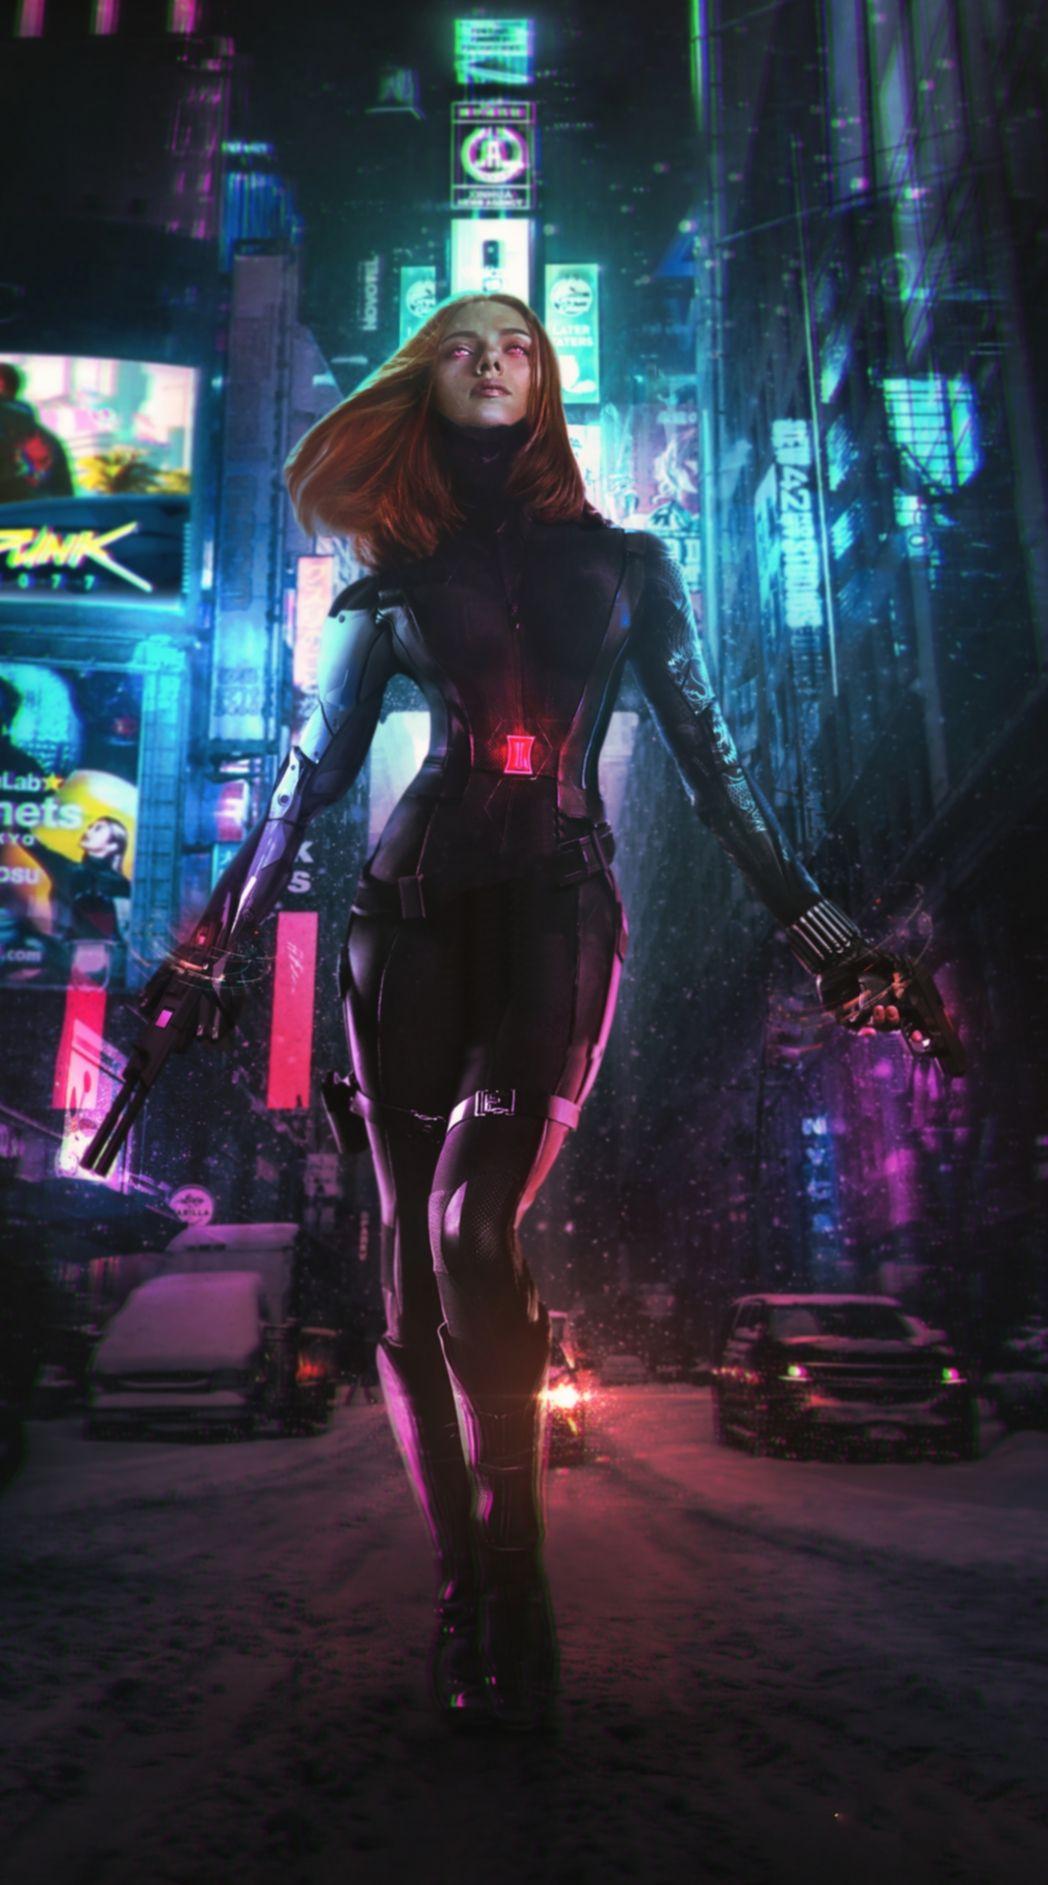 Black Widow Cyberpunk Wallpaper HD Mobile movie